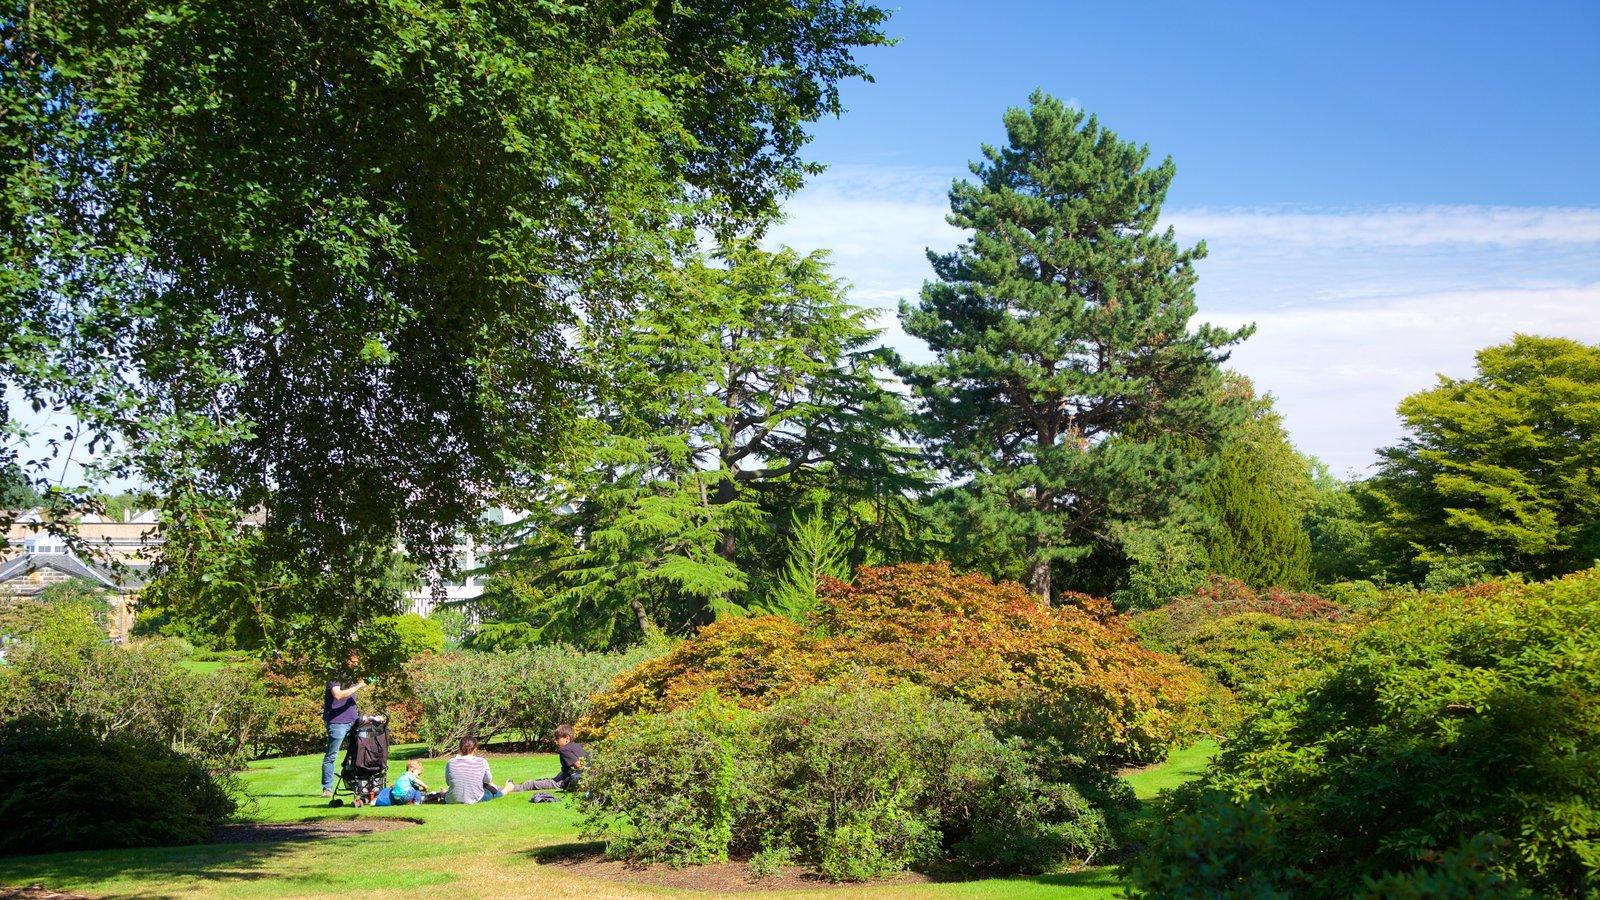 Real Jardín Botánico mostrando un jardín